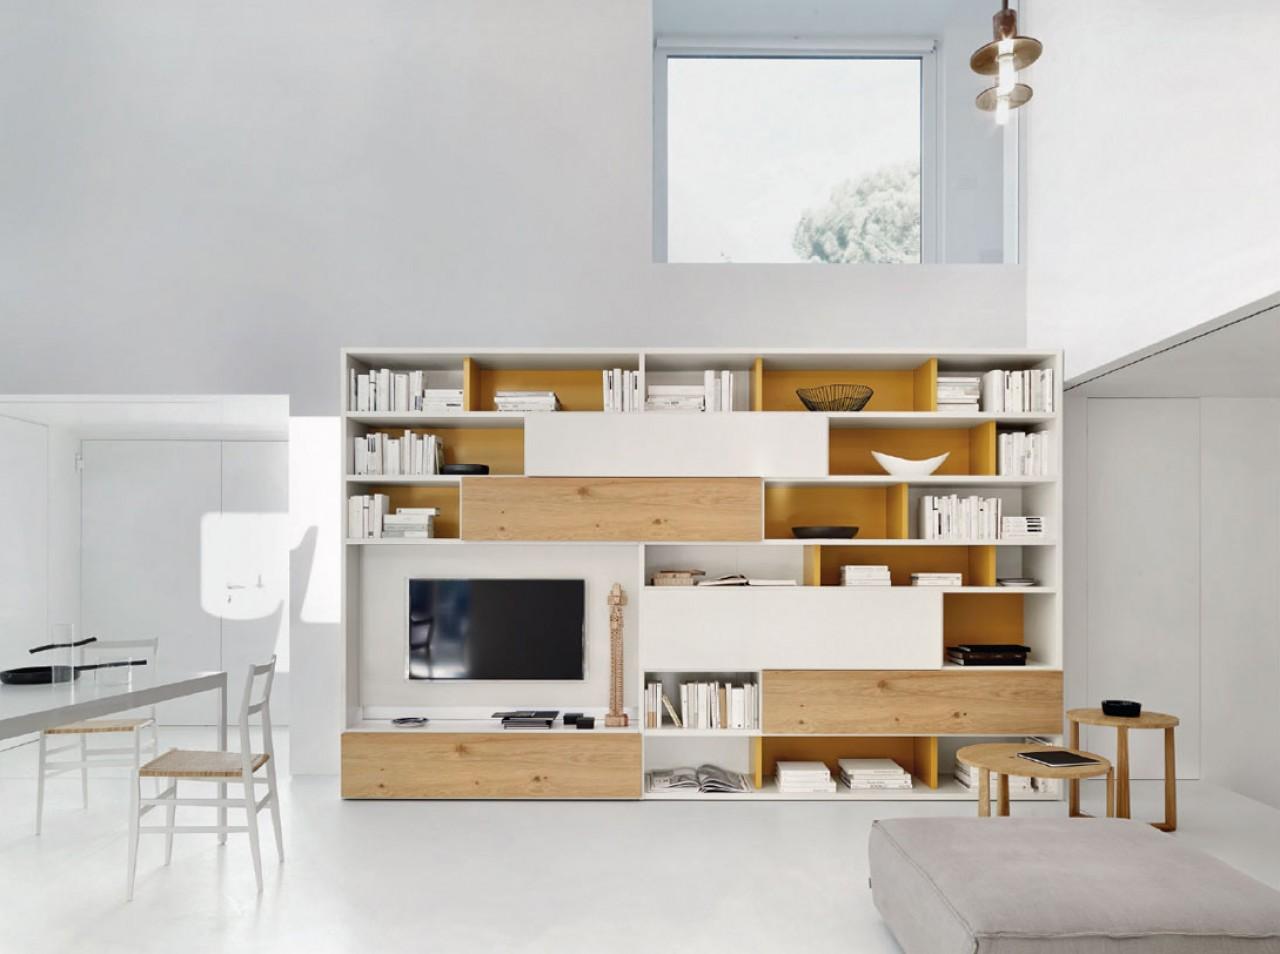 Modo - Libreria | Soggiorni San Giacomo Torino | Arredamenti ...